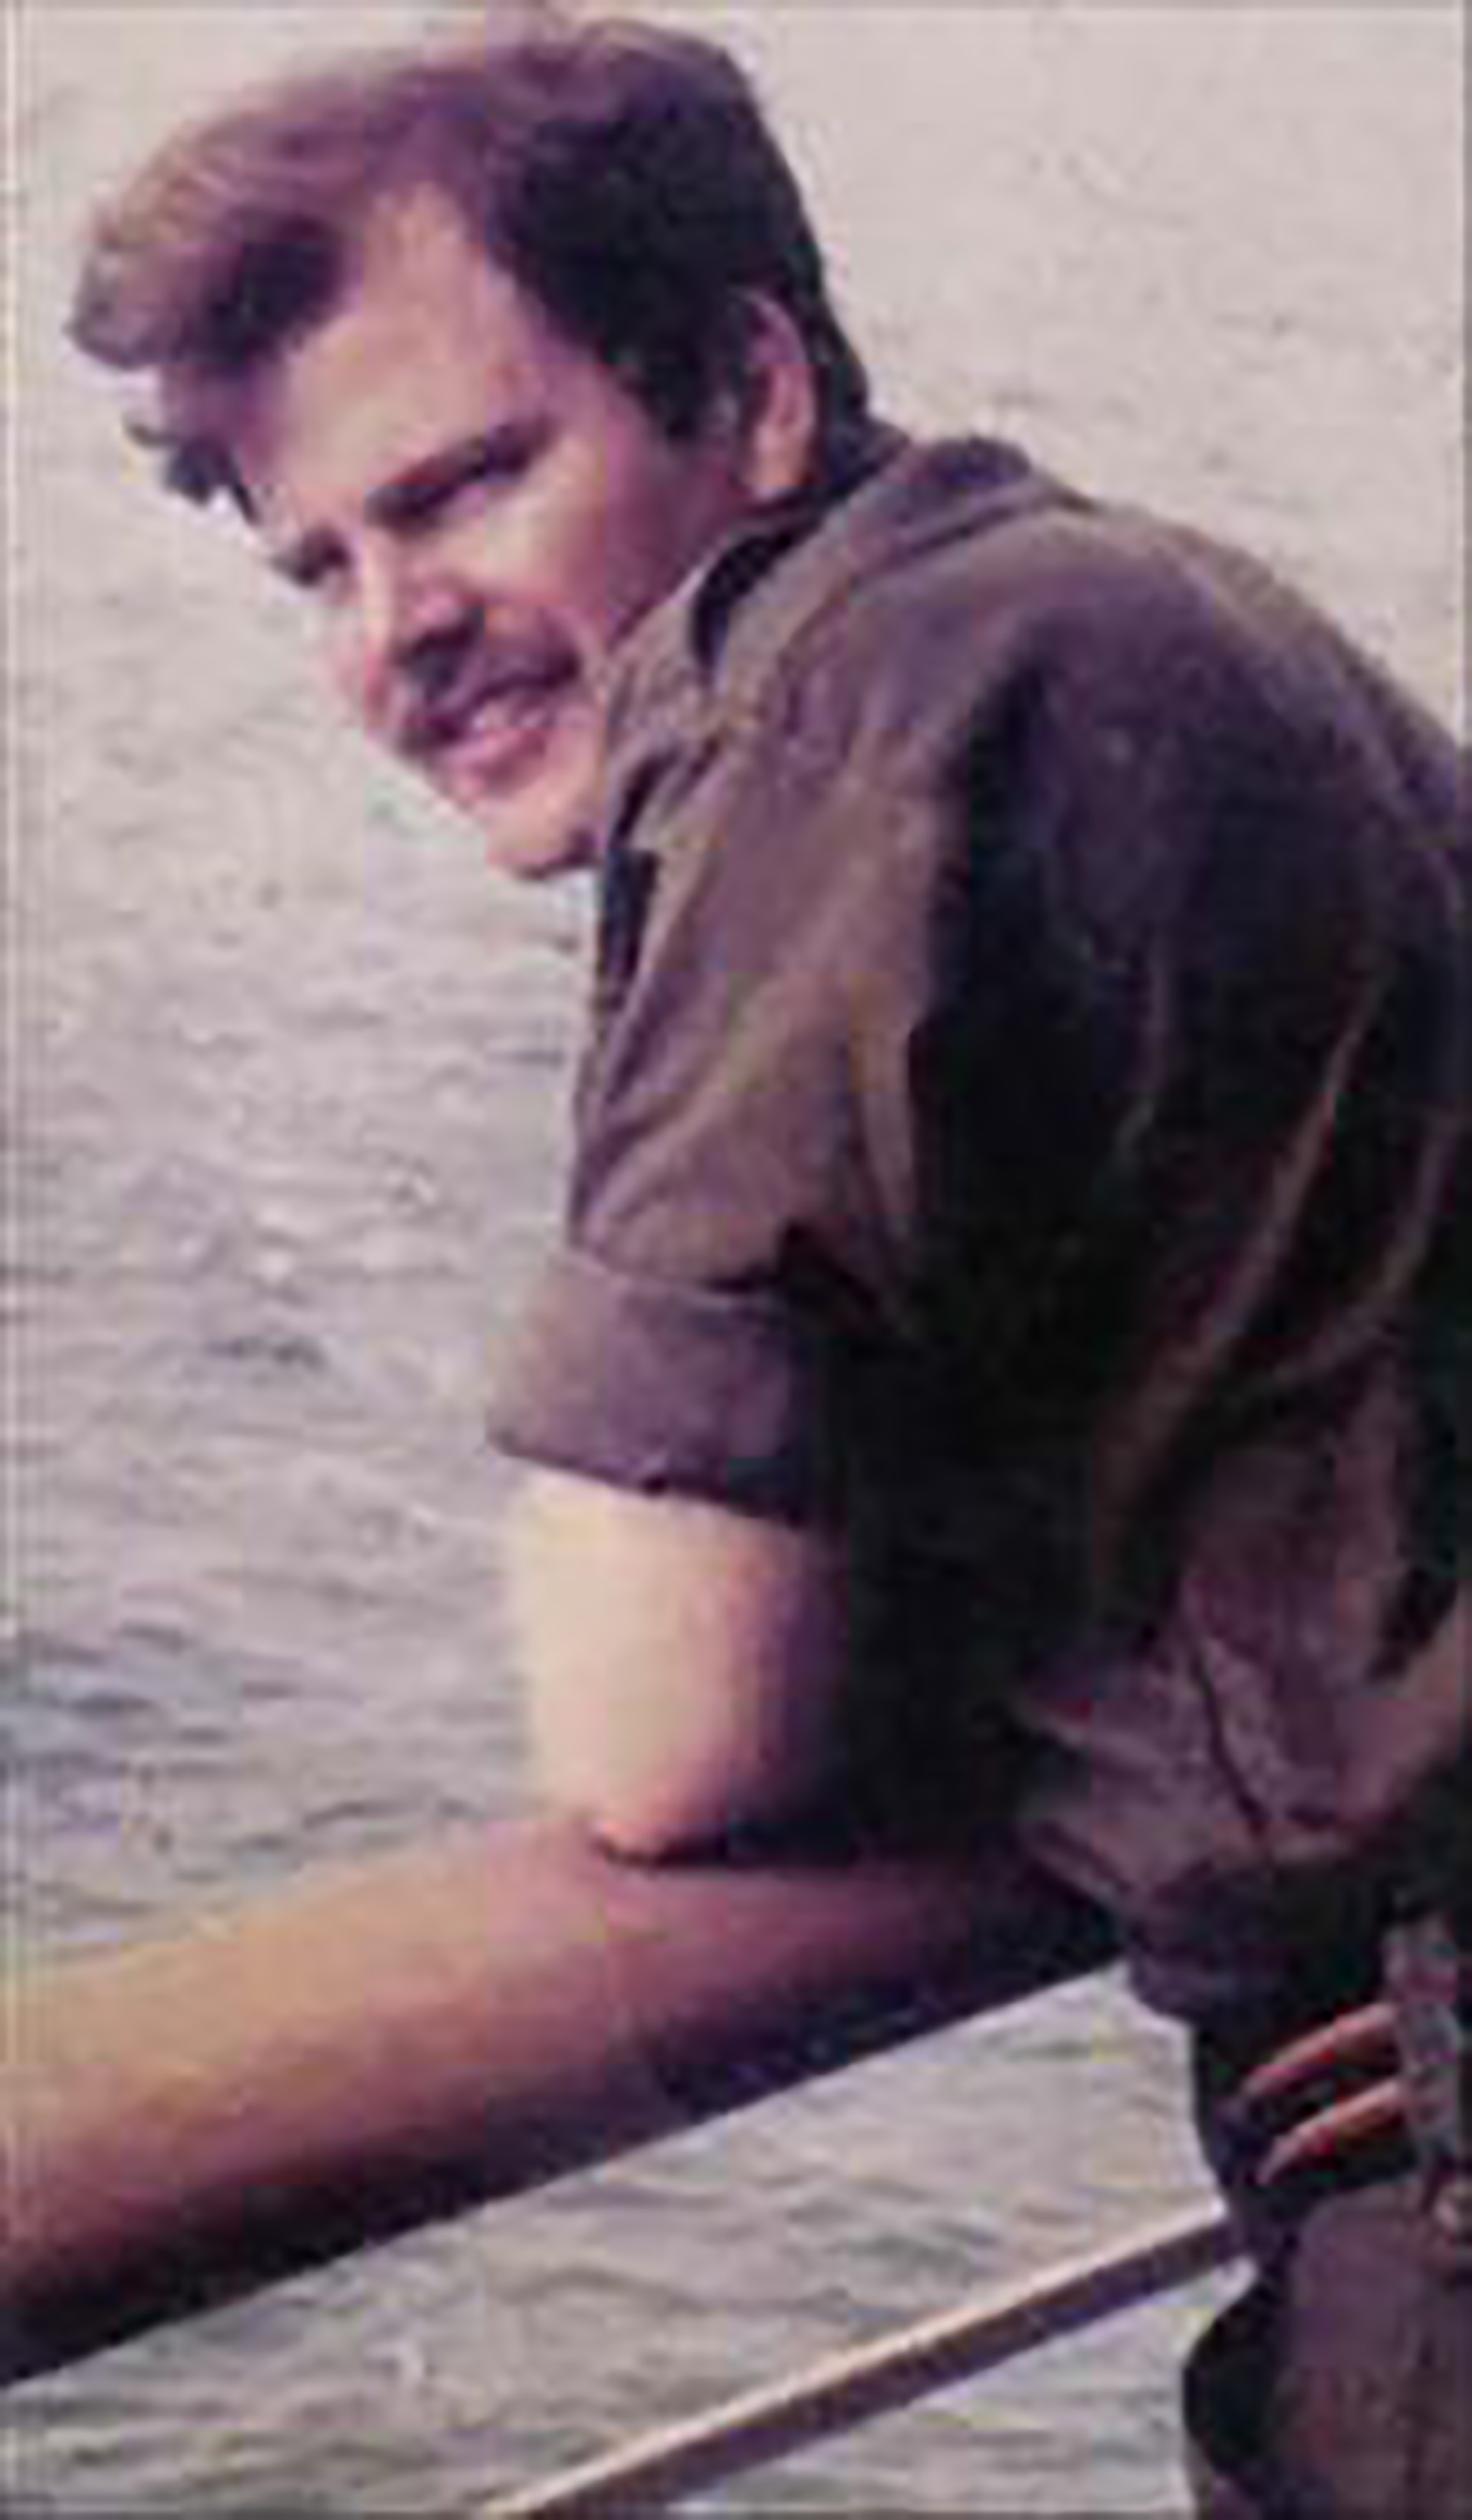 Alexander Shaw, era mecánico electricista de los PARA 3. Murió el 13 de junio de 1982, tenía 25 años y un hijo de 3 años llamado Craig